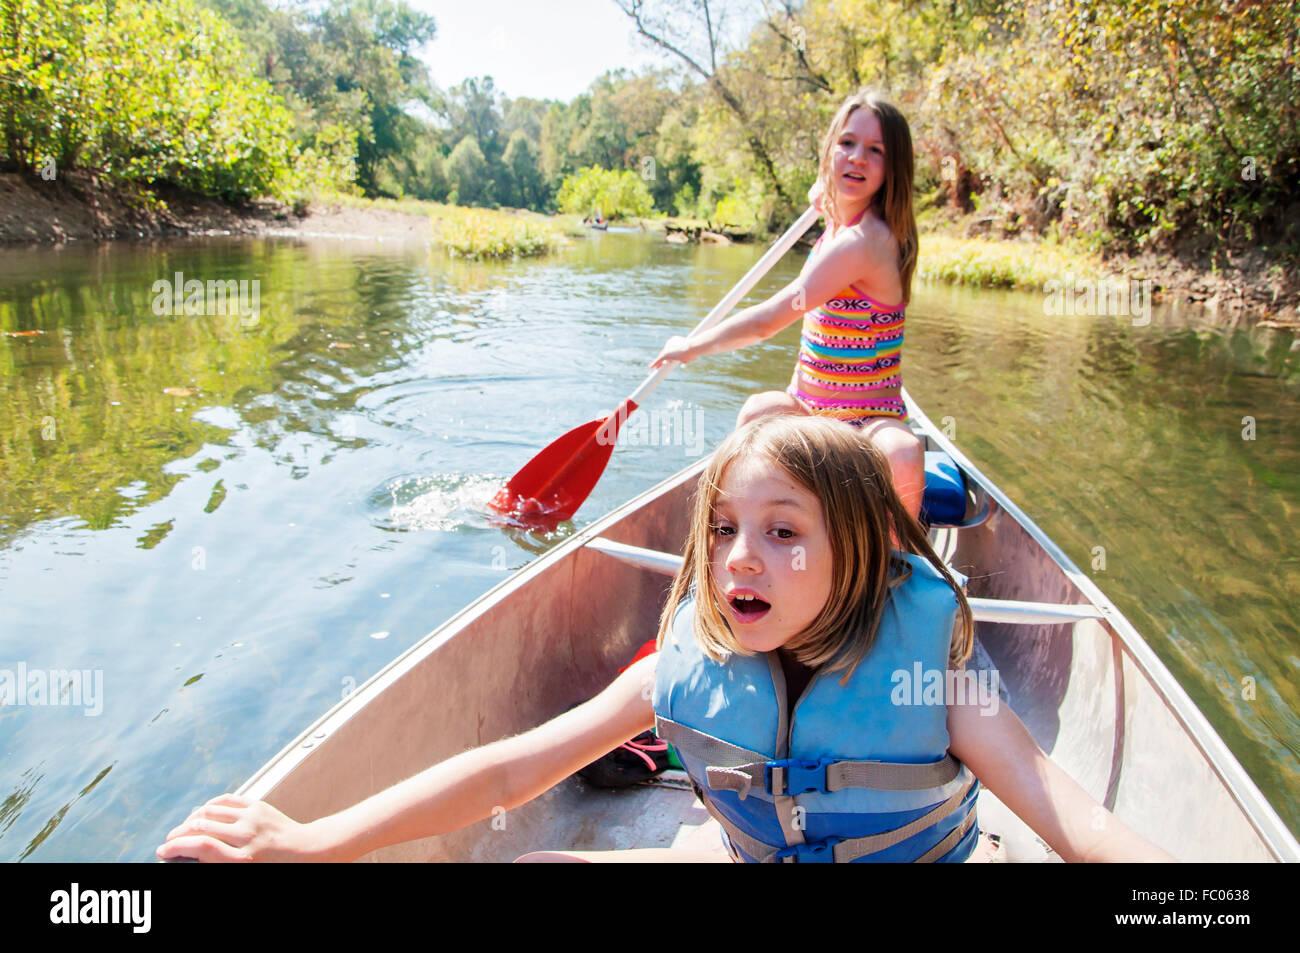 Las niñas remar en canoa por el río. Imagen De Stock